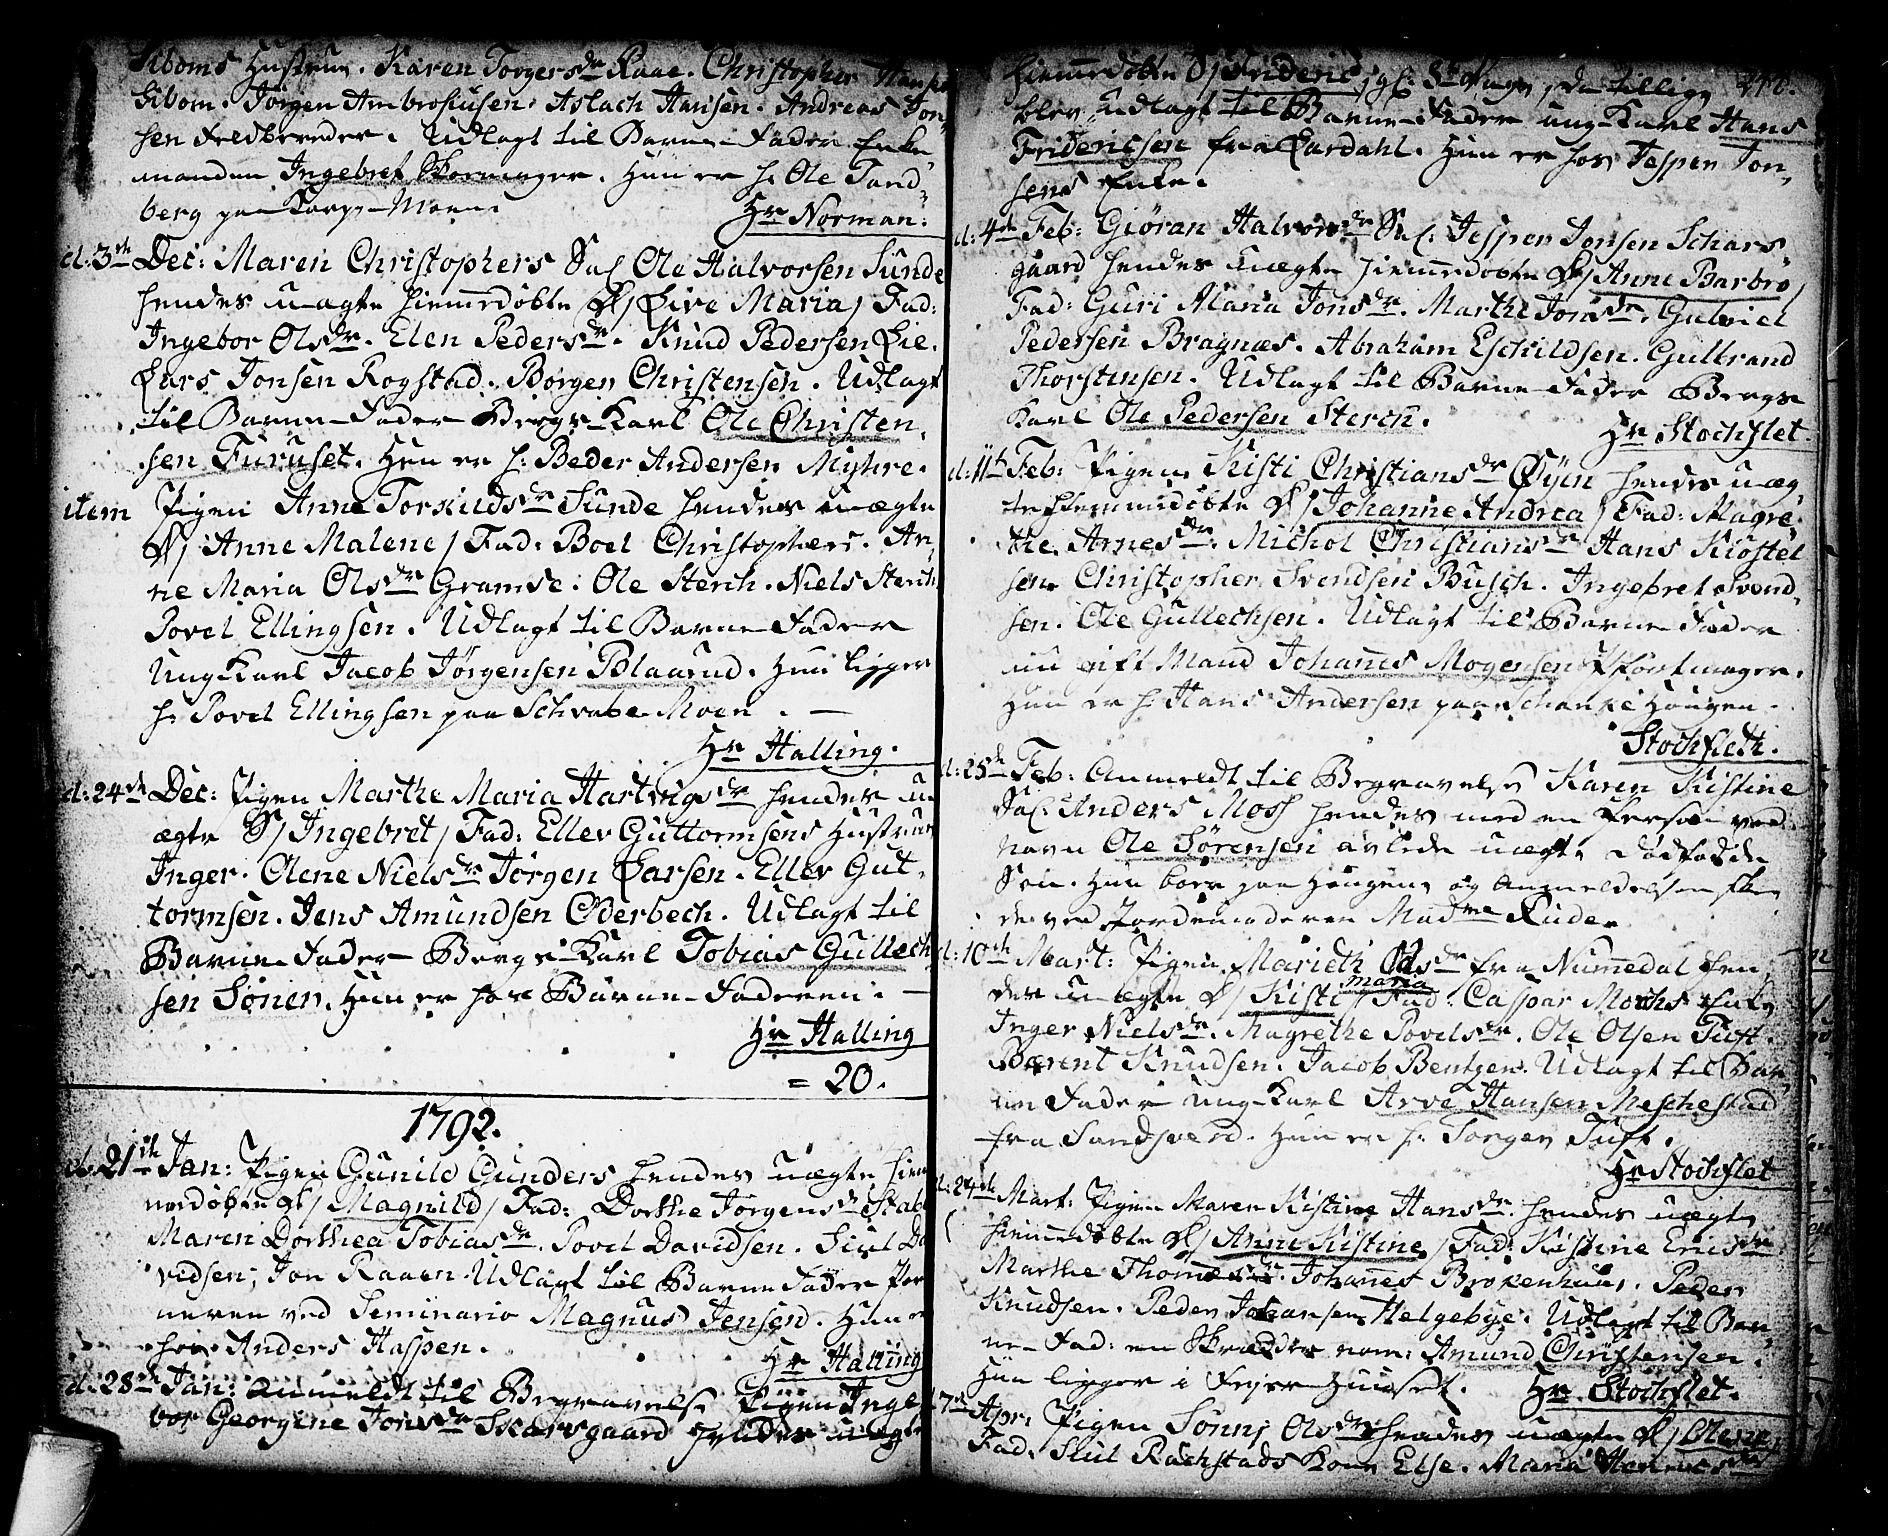 SAKO, Kongsberg kirkebøker, F/Fa/L0006: Ministerialbok nr. I 6, 1783-1797, s. 244